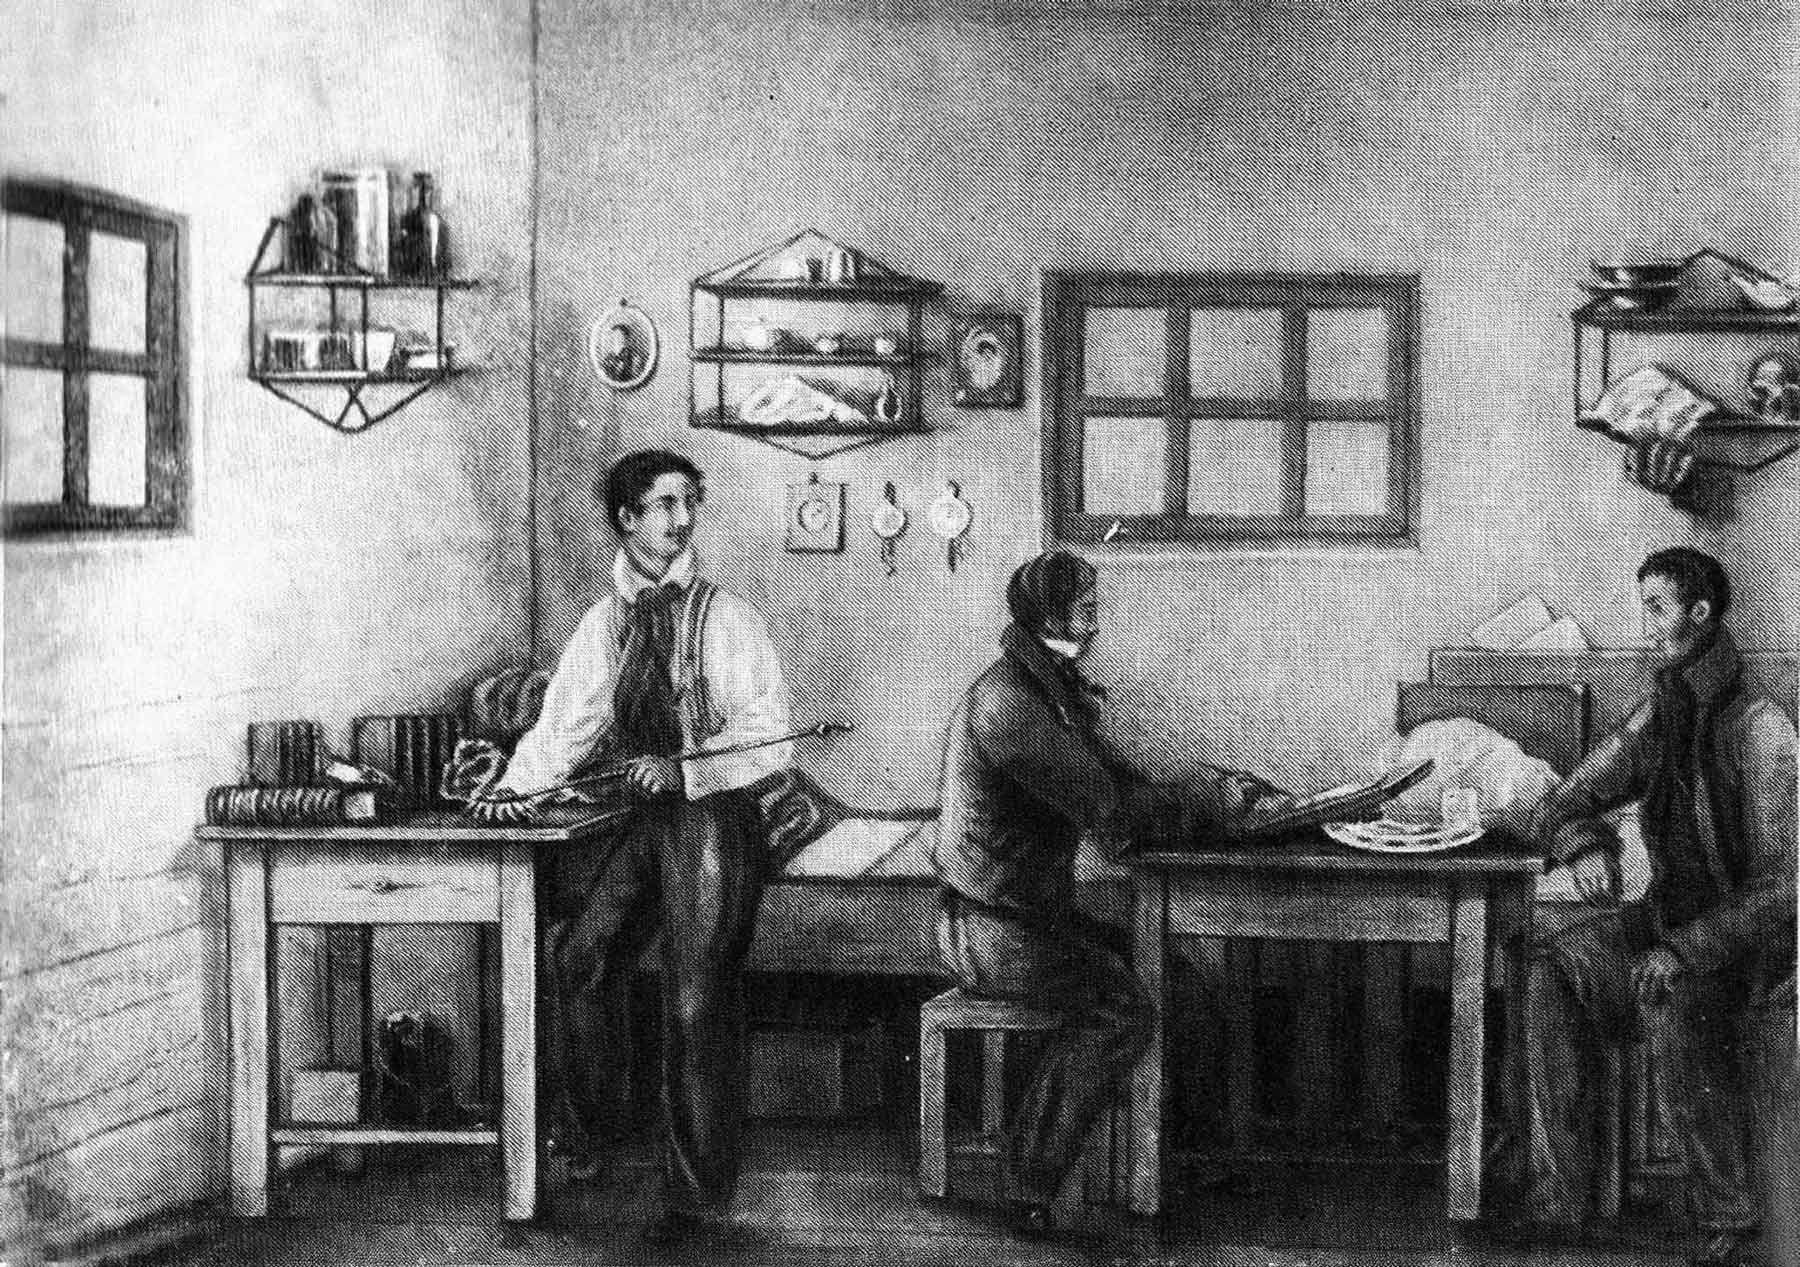 Бестужев в ссылке в Якутии. Источник: Мемориальный дом-музей А.А. Бестужева-Марлинского